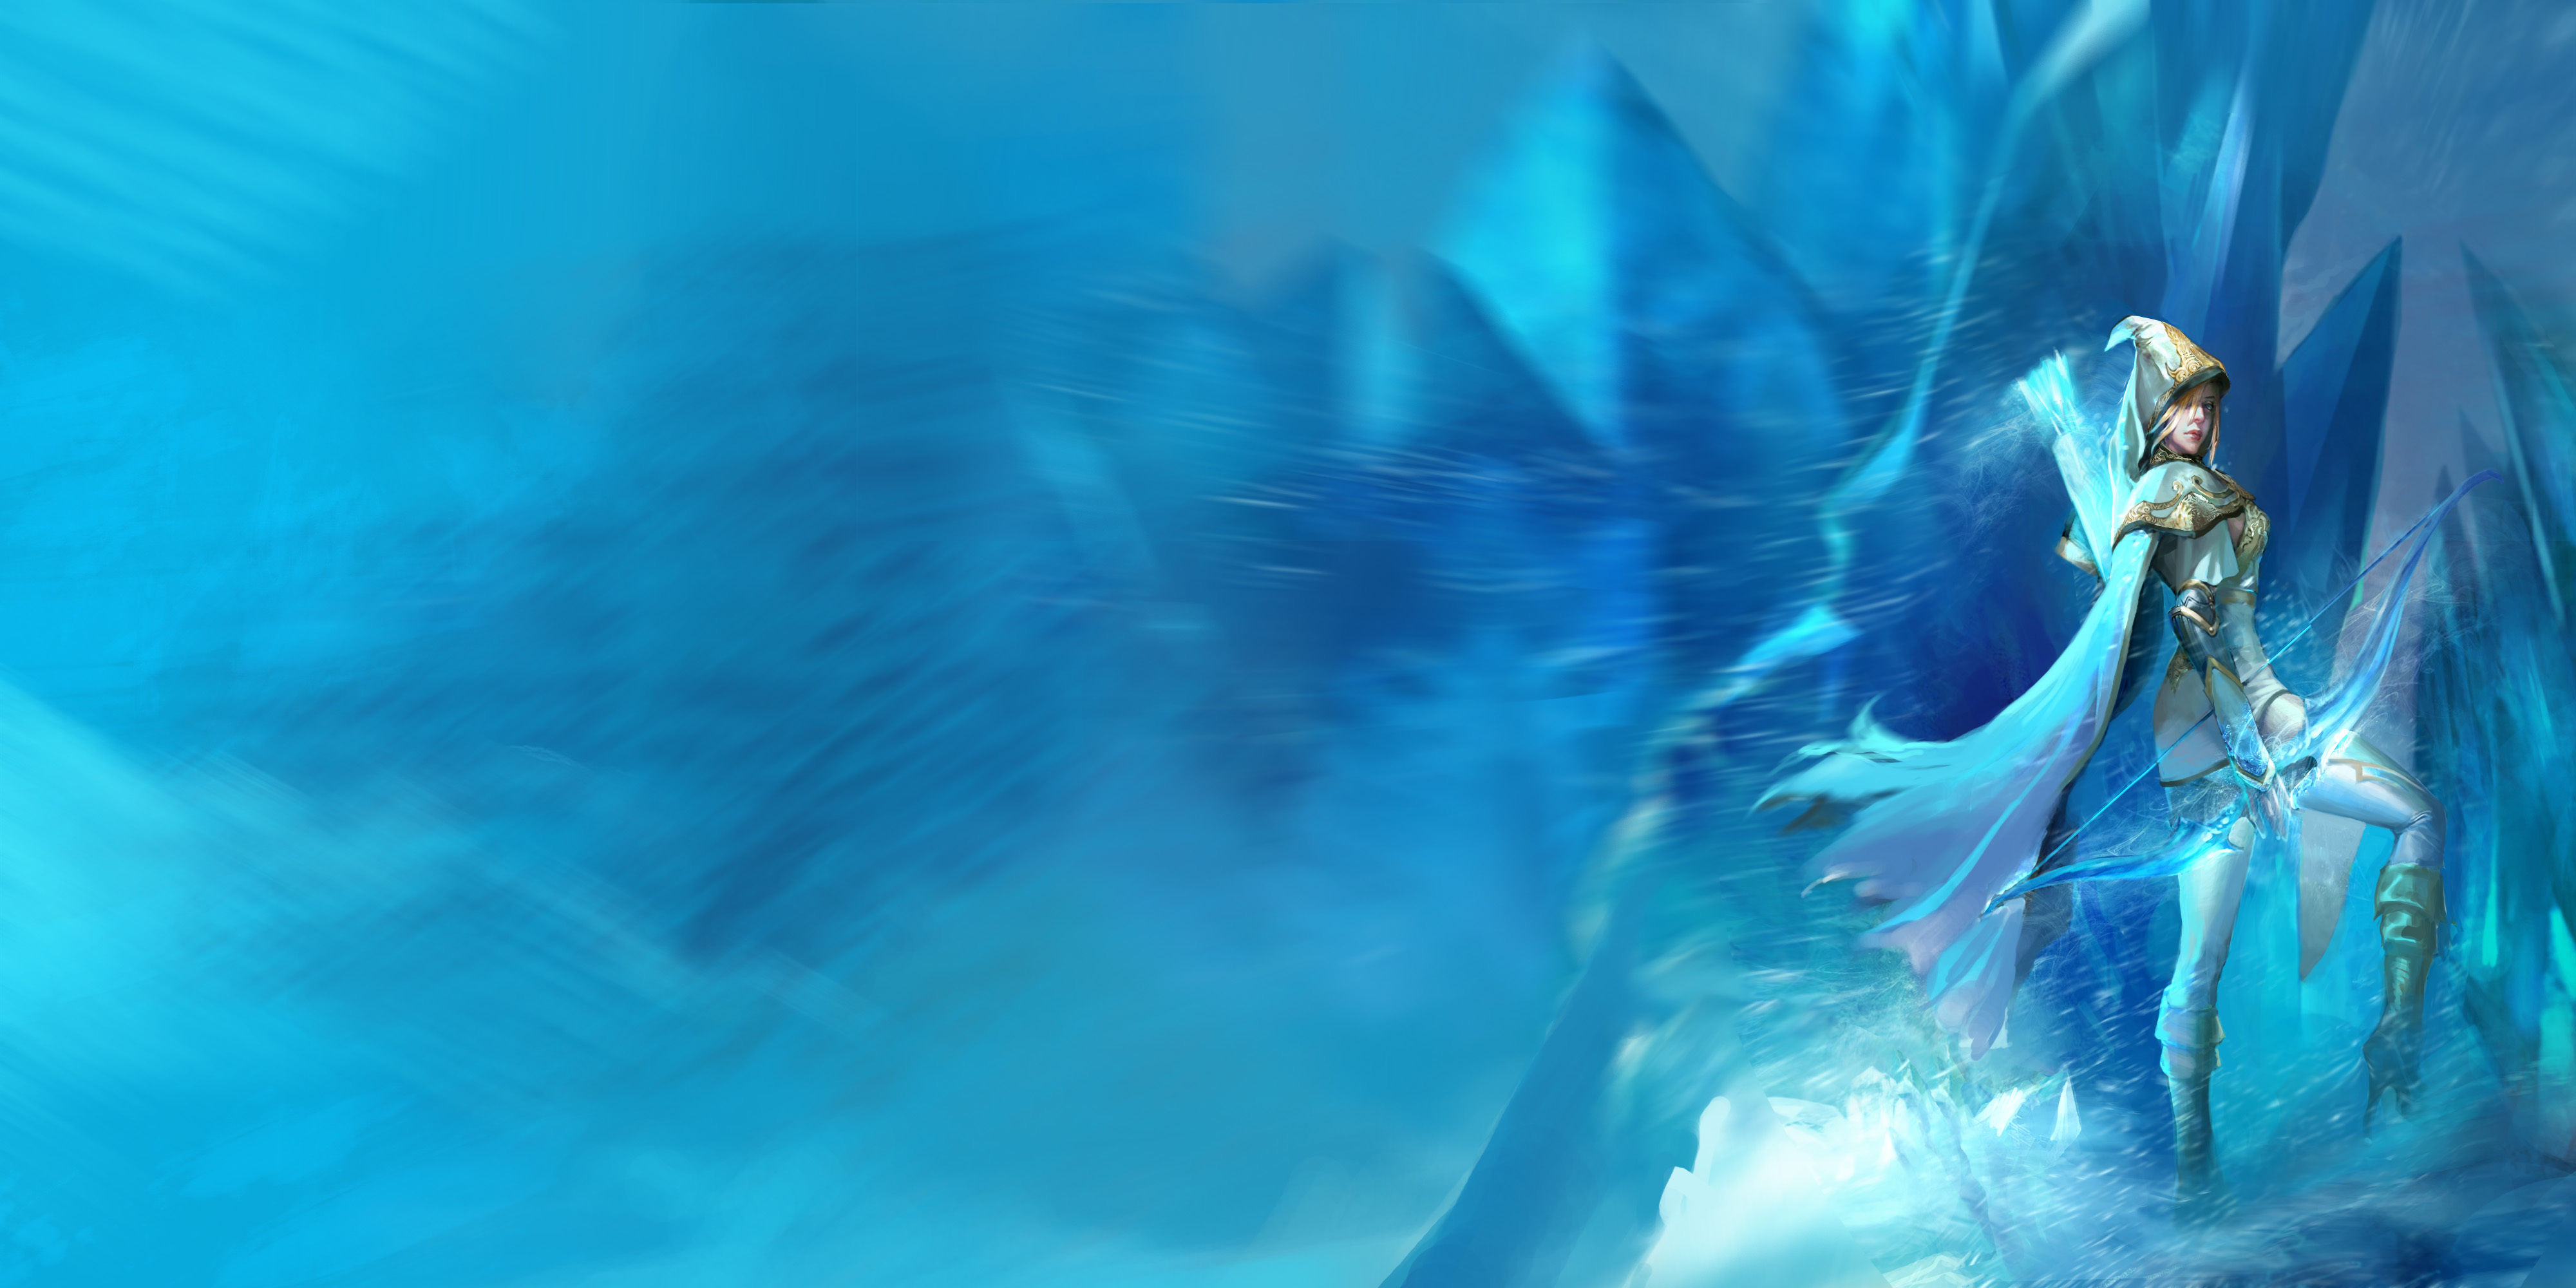 谁有英雄联盟寒冰射手,极地女神皮肤高清原画壁纸?